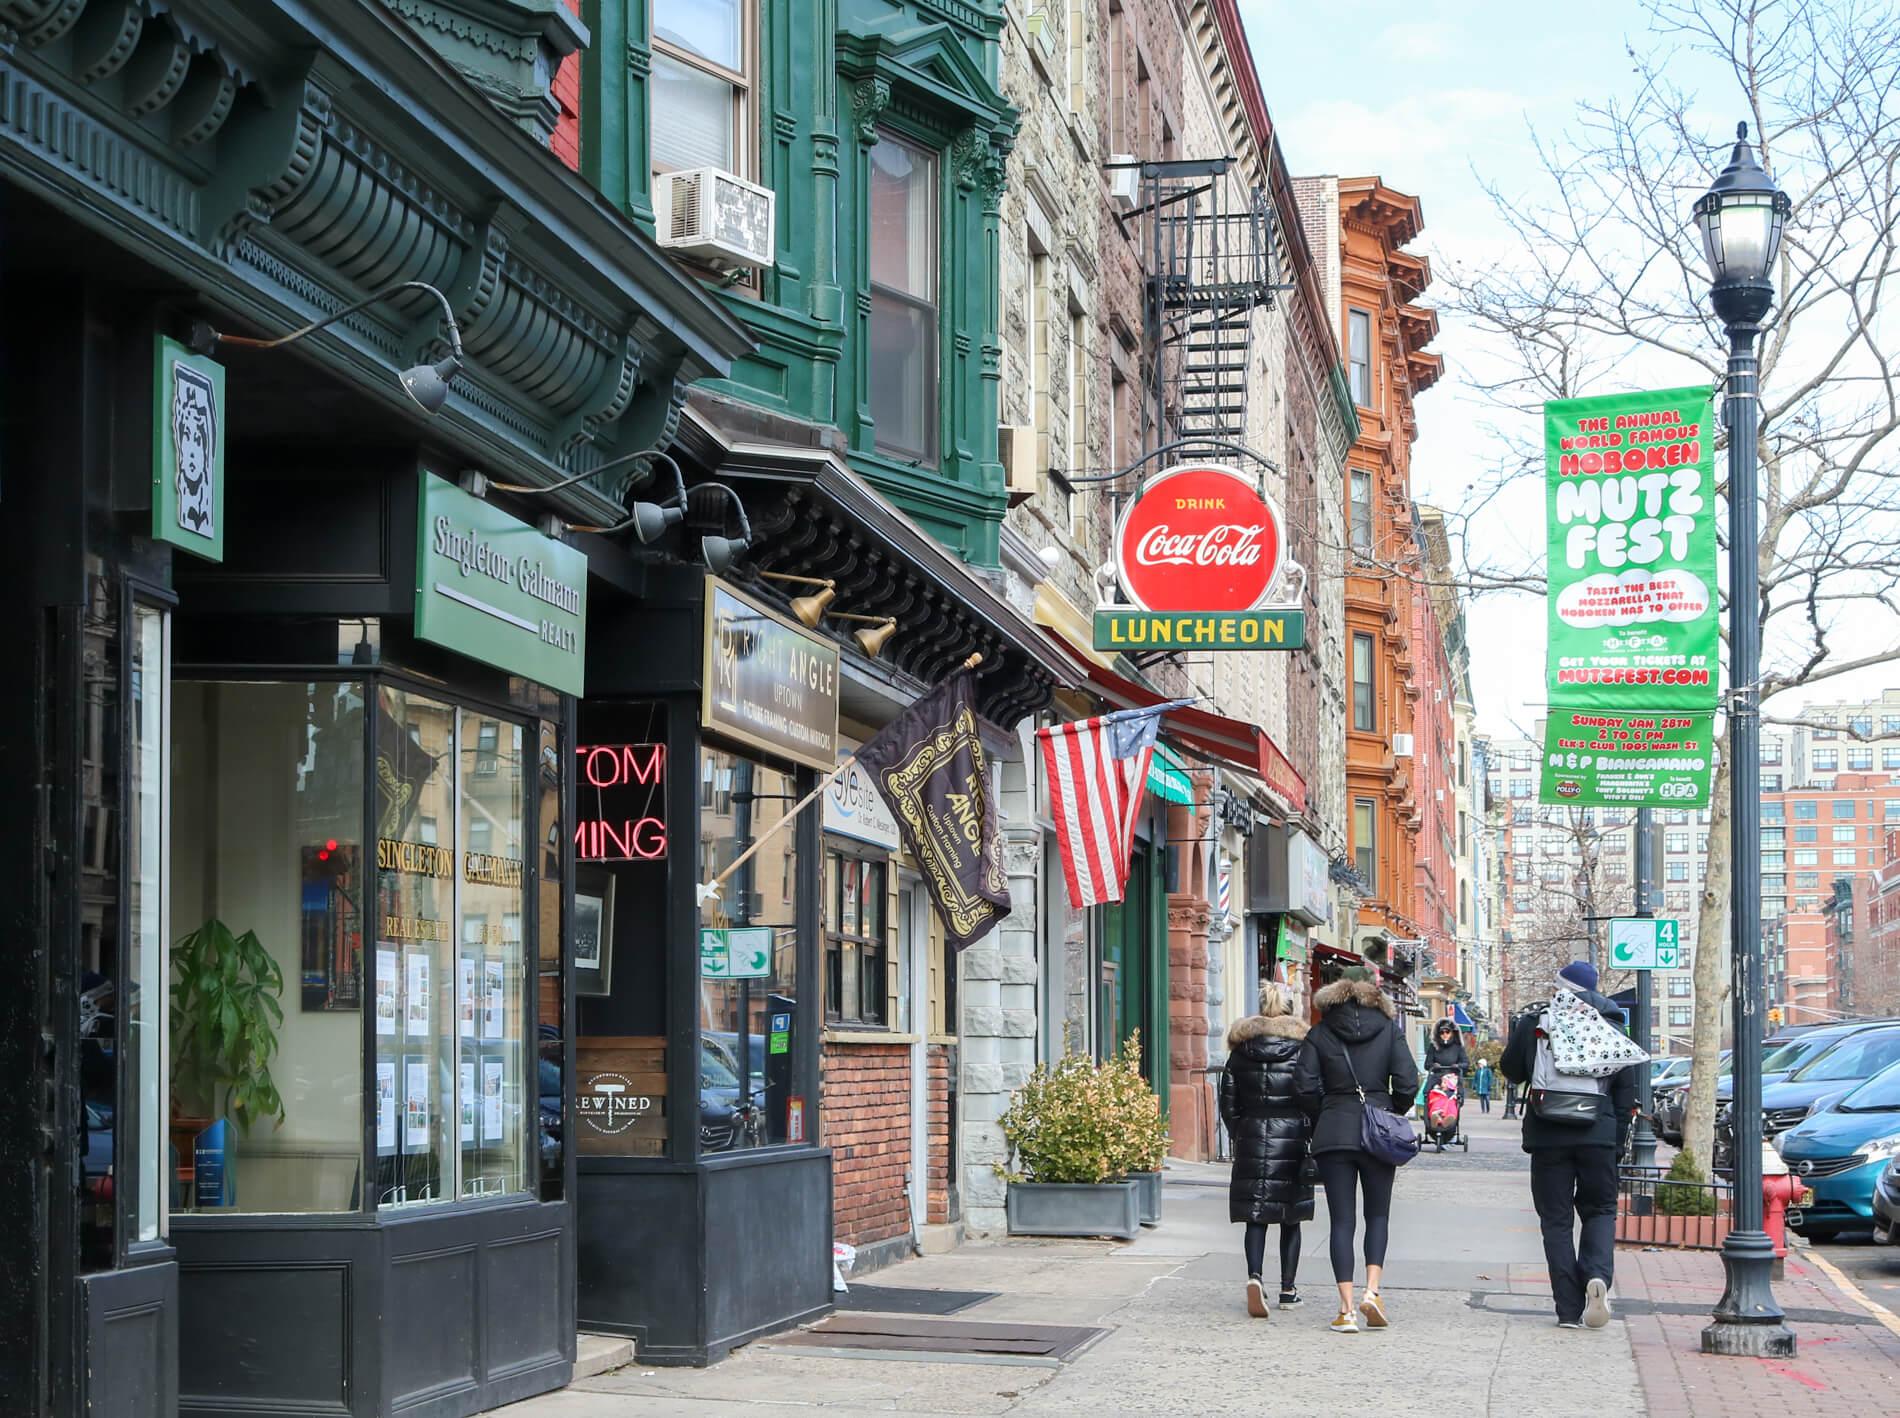 Hoboken Launches #GoBoken Summer Initiative